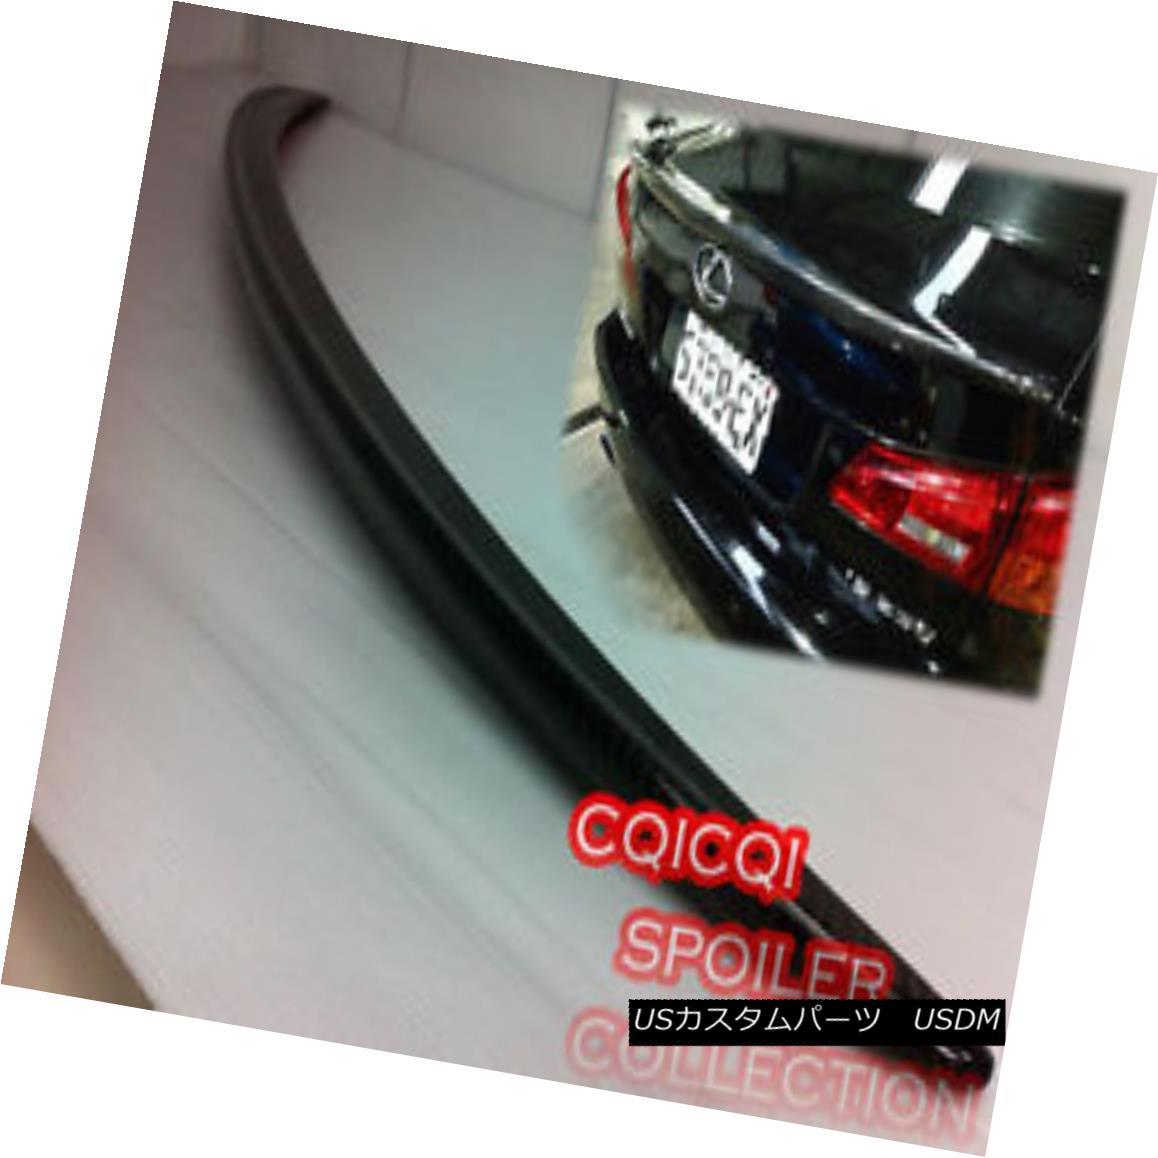 エアロパーツ Carbon Fiber OEM Type Trunk Spoiler for LEXUS 05-12 IS250 IS350 Sedan ◎ LEXUS 05-12 IS250 IS350セダン用カーボンファイバーOEMタイプのトランク・スポイラー?